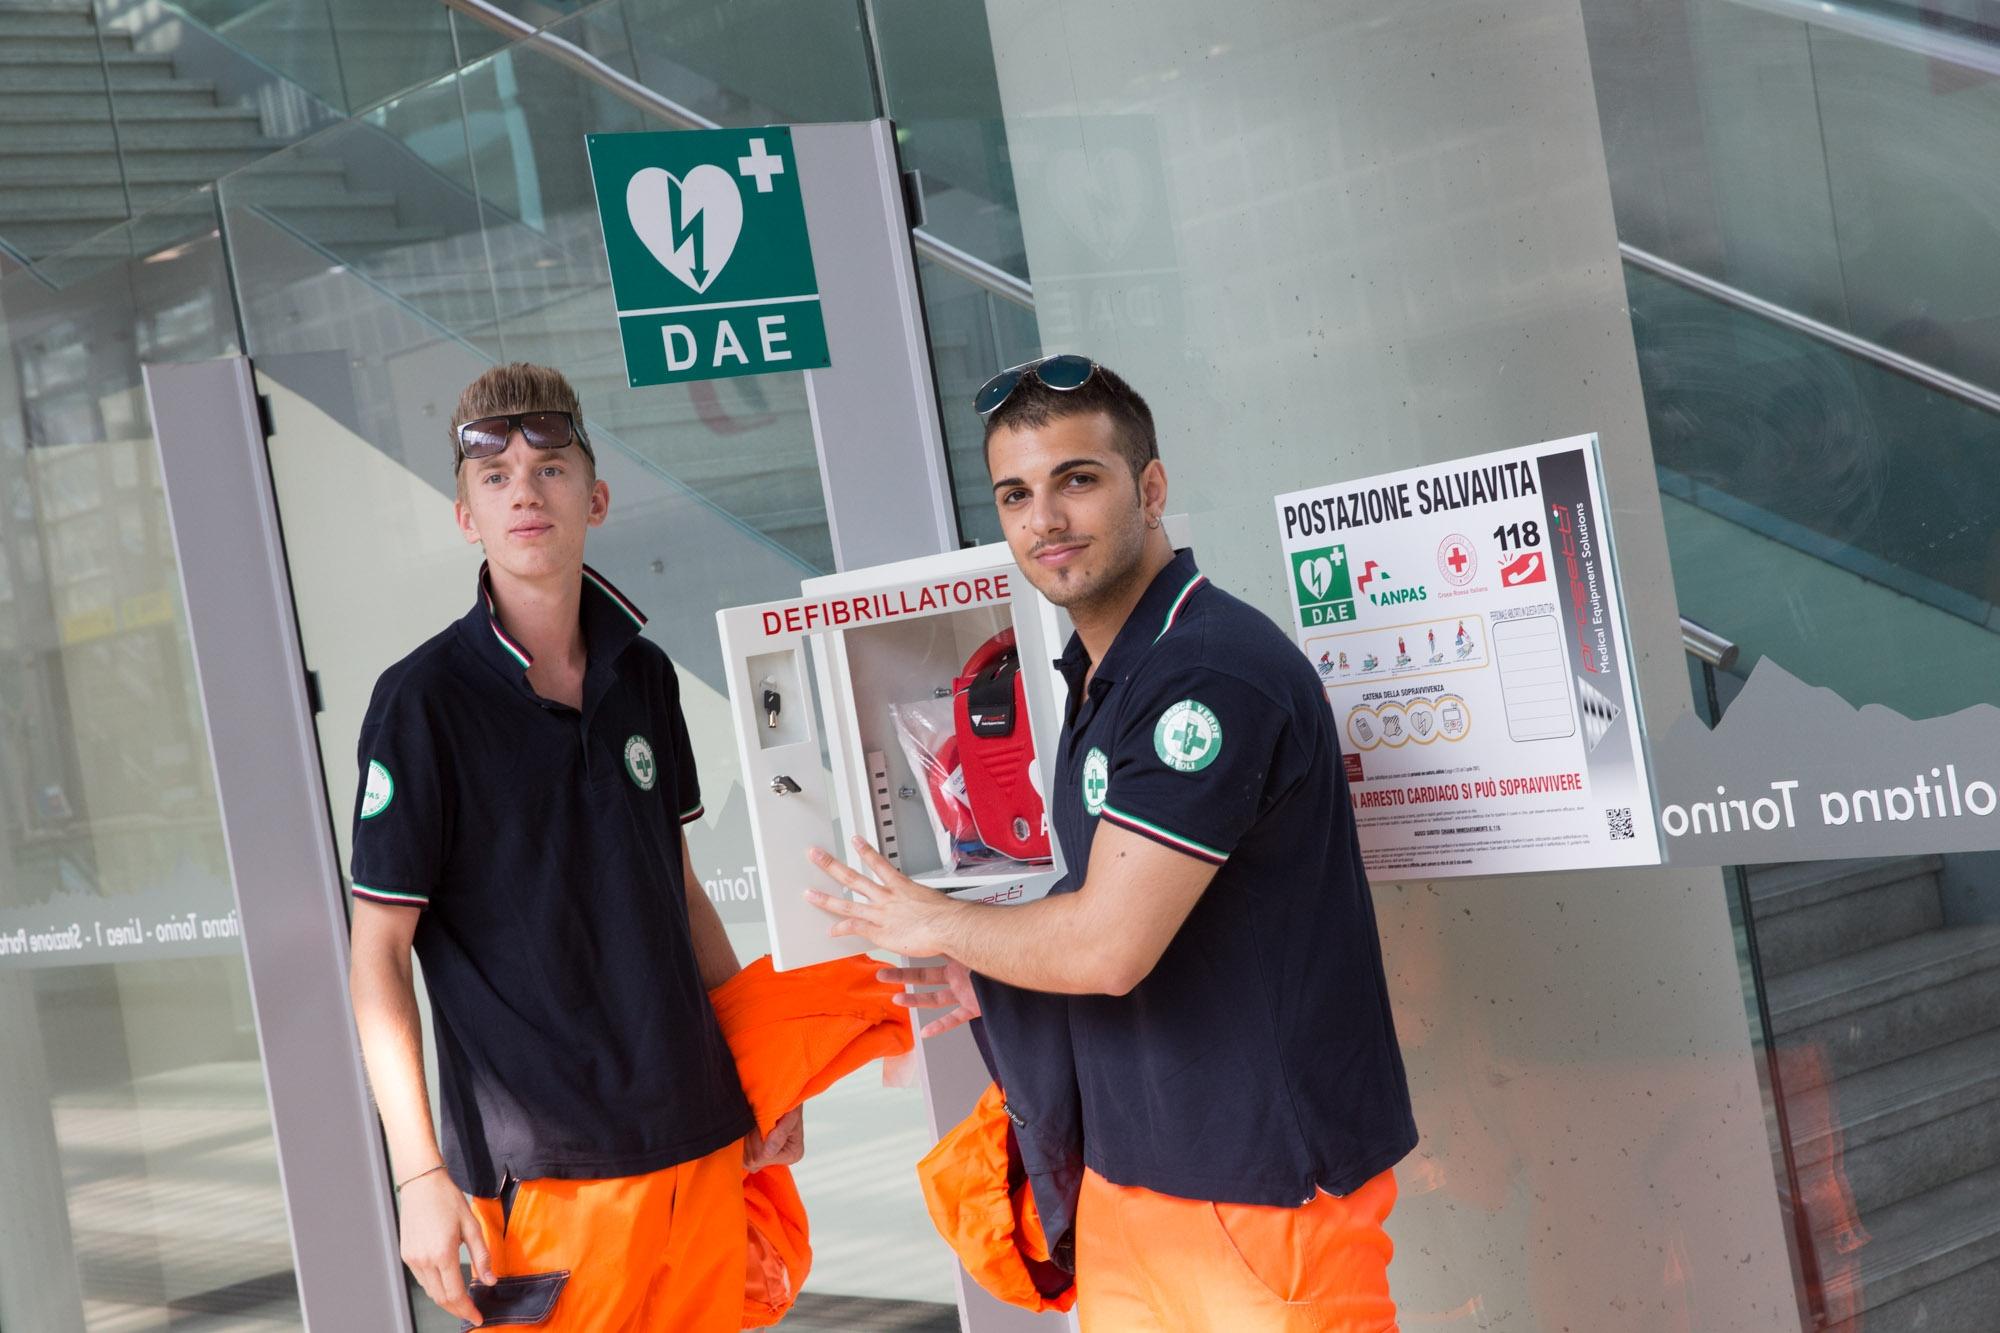 Defibrillatore posizionato in una stazione metro